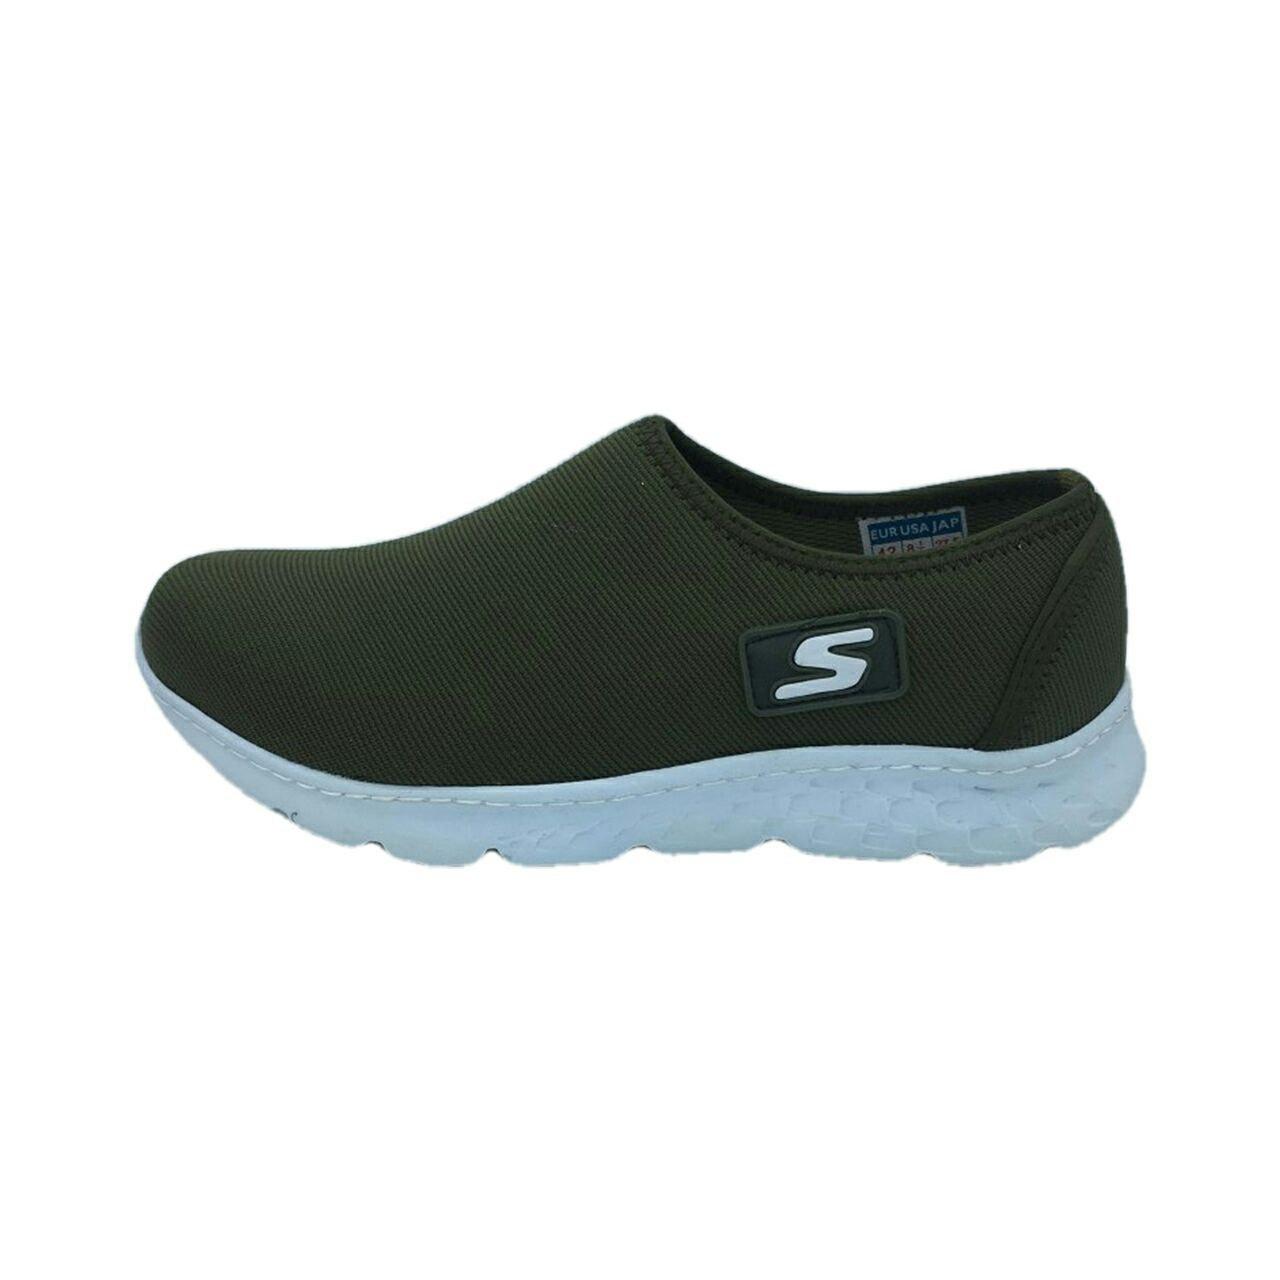 قیمت کفش مخصوص پیاده روی مردانه مدل  z100  رنگ سبز تیره